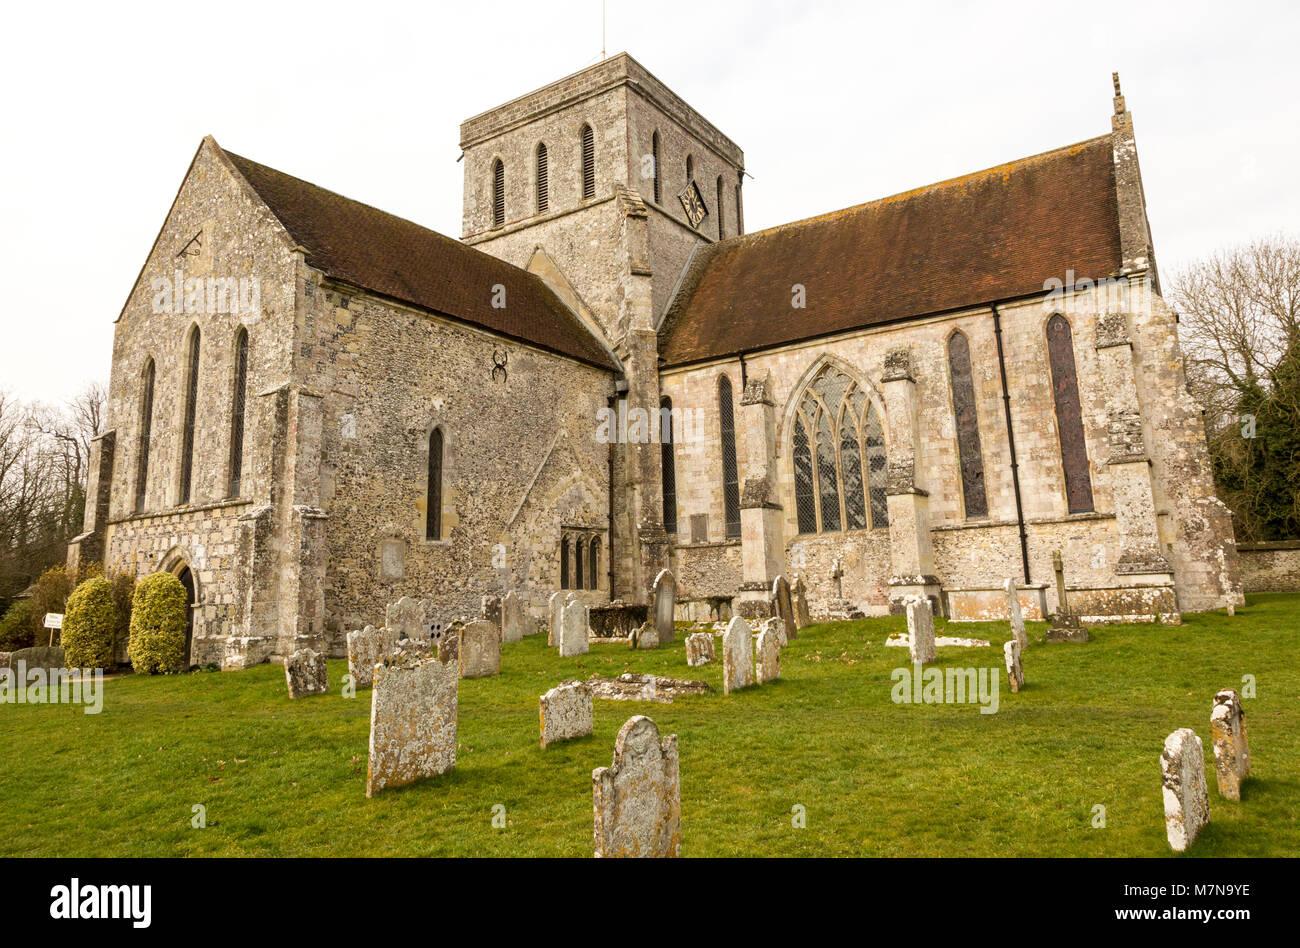 Amesbury Abbey church, Amesbury, Wiltshire, England, UK - Stock Image